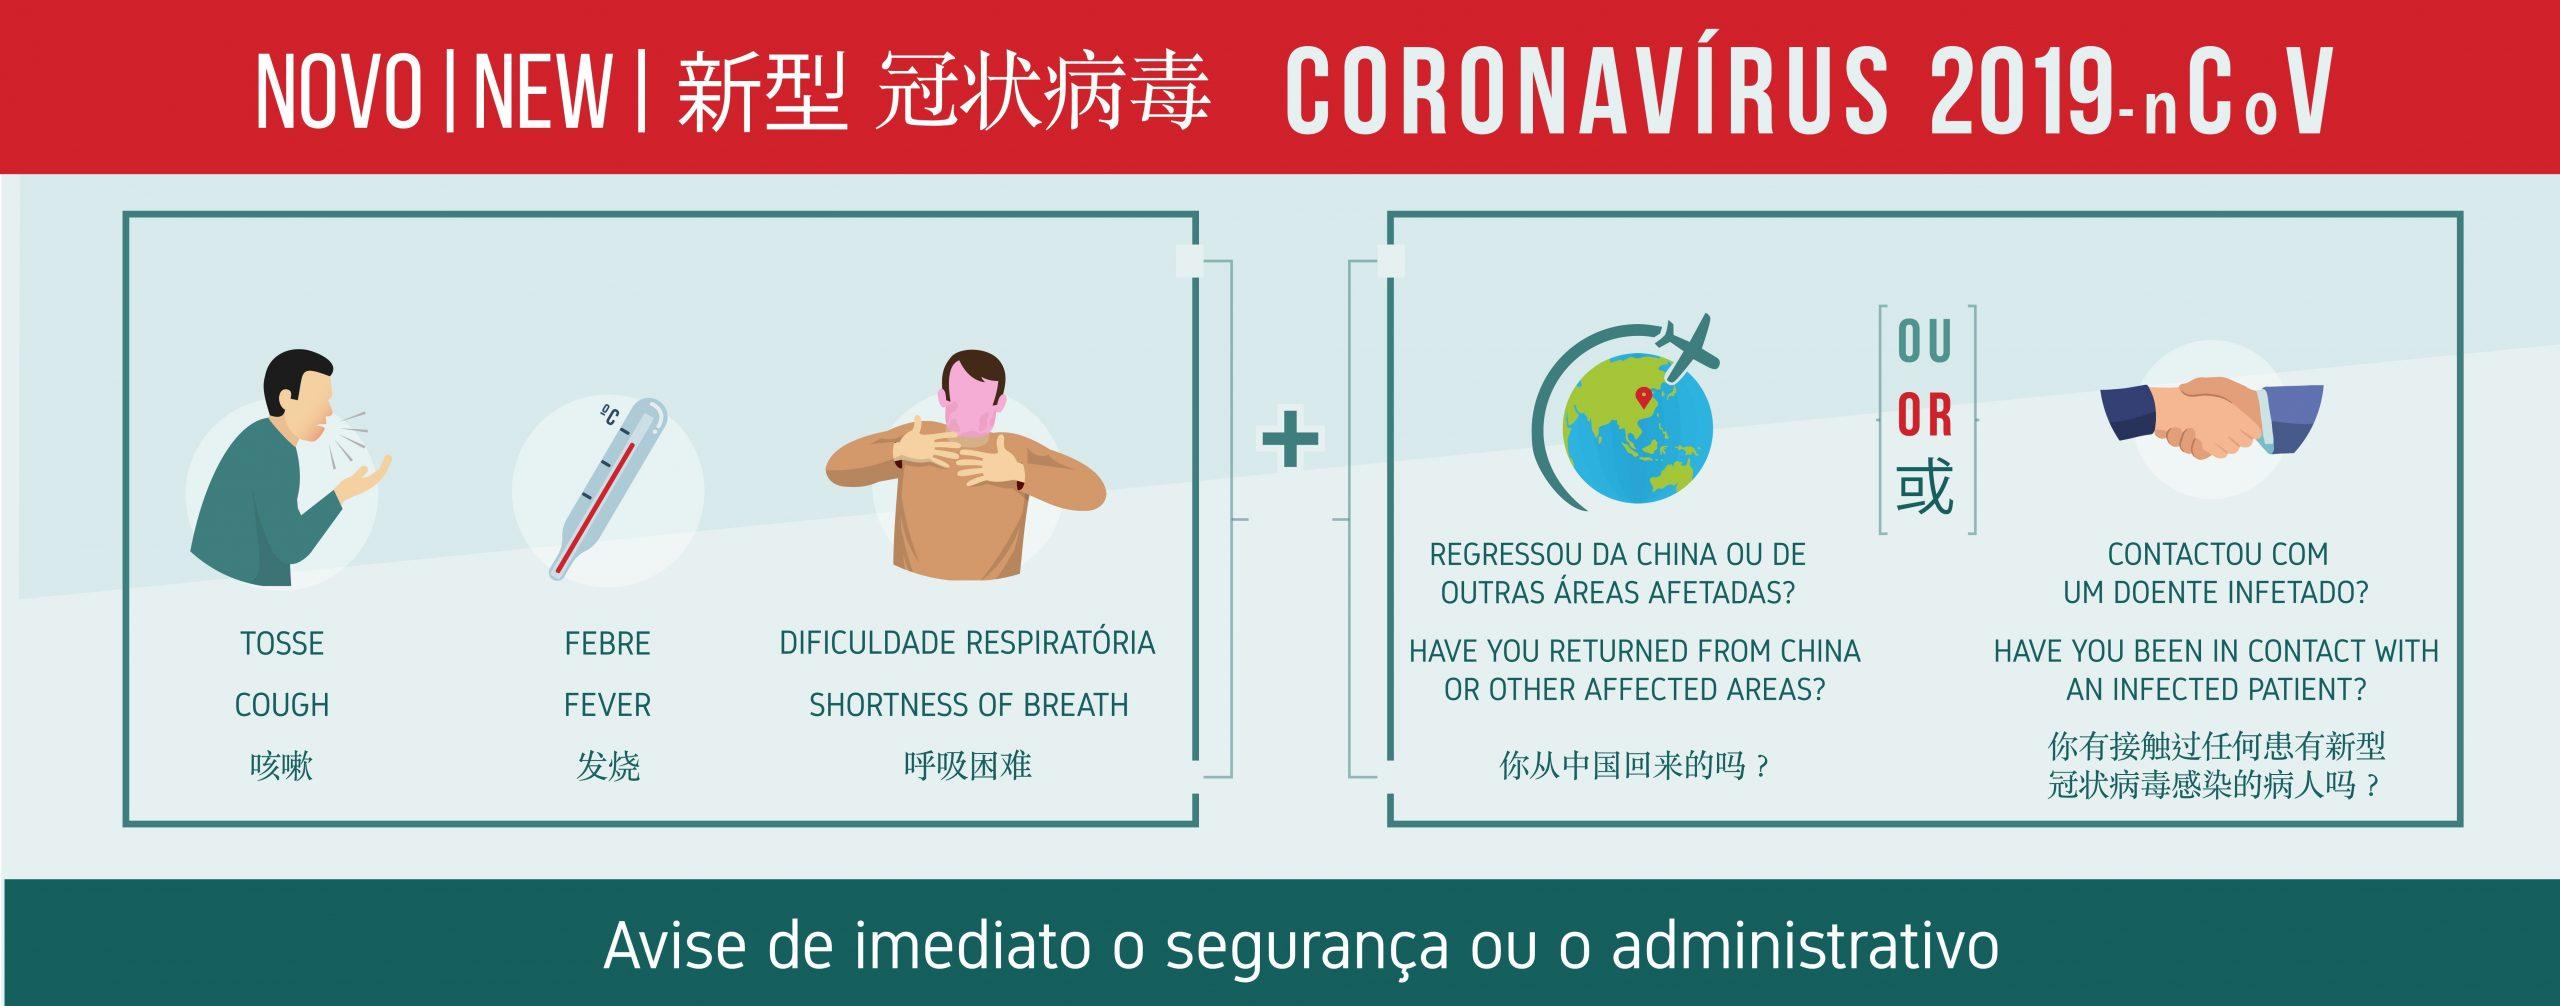 Atualização – Doença Respiratória por Novo Coronavírus (COVID-19) na China